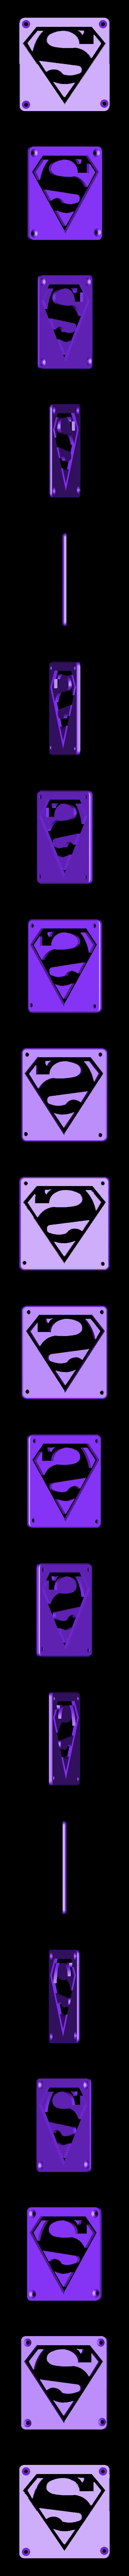 SuperMan_Plate.STL Télécharger fichier STL gratuit SUPERMAN LED Lumière / Lumière de nuit • Plan imprimable en 3D, Balkhagal4D